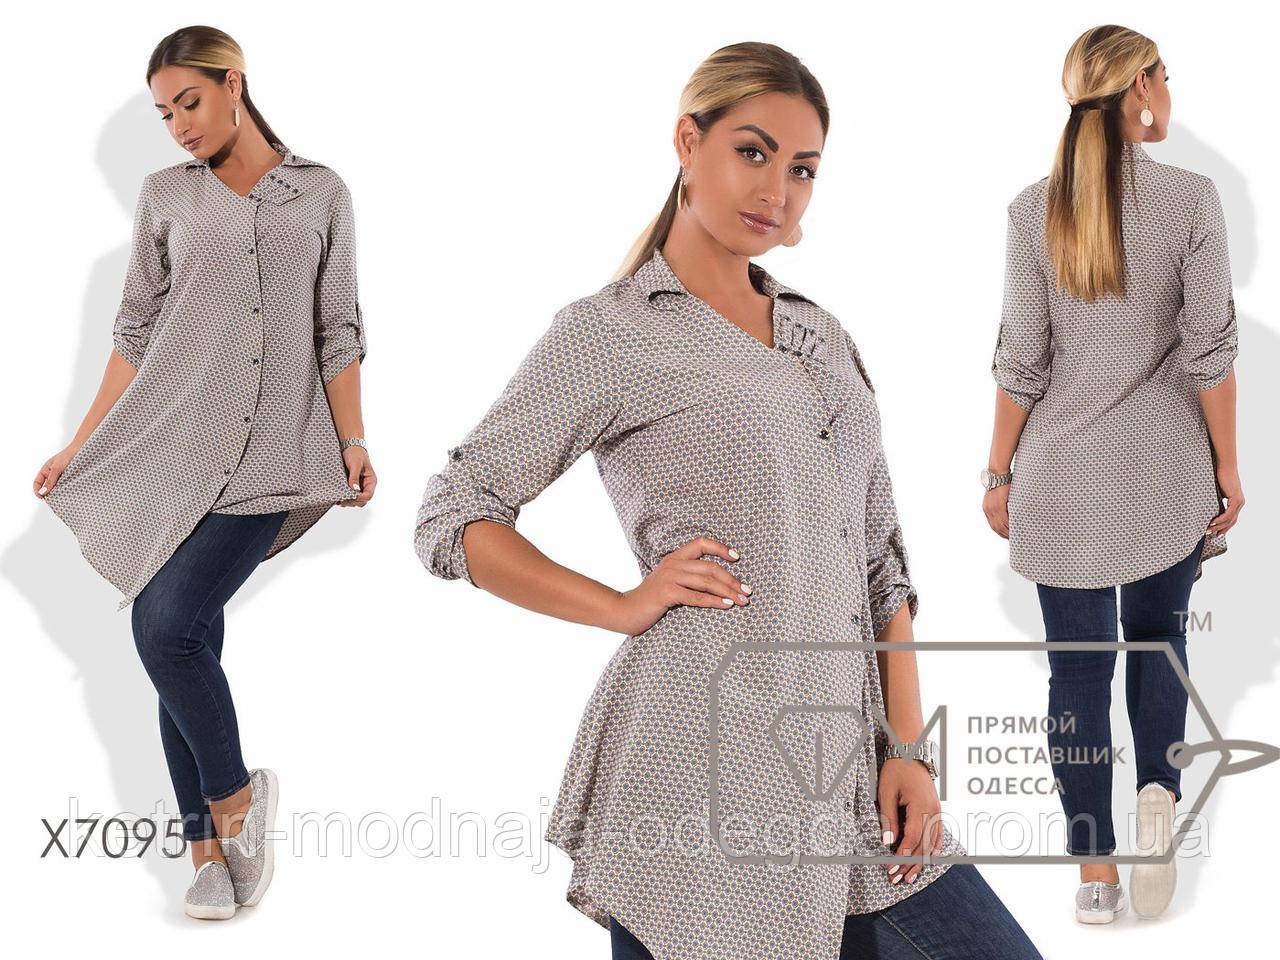 c457354445d0 Модная женская удлиненная рубашка туника большого размера 48, 50